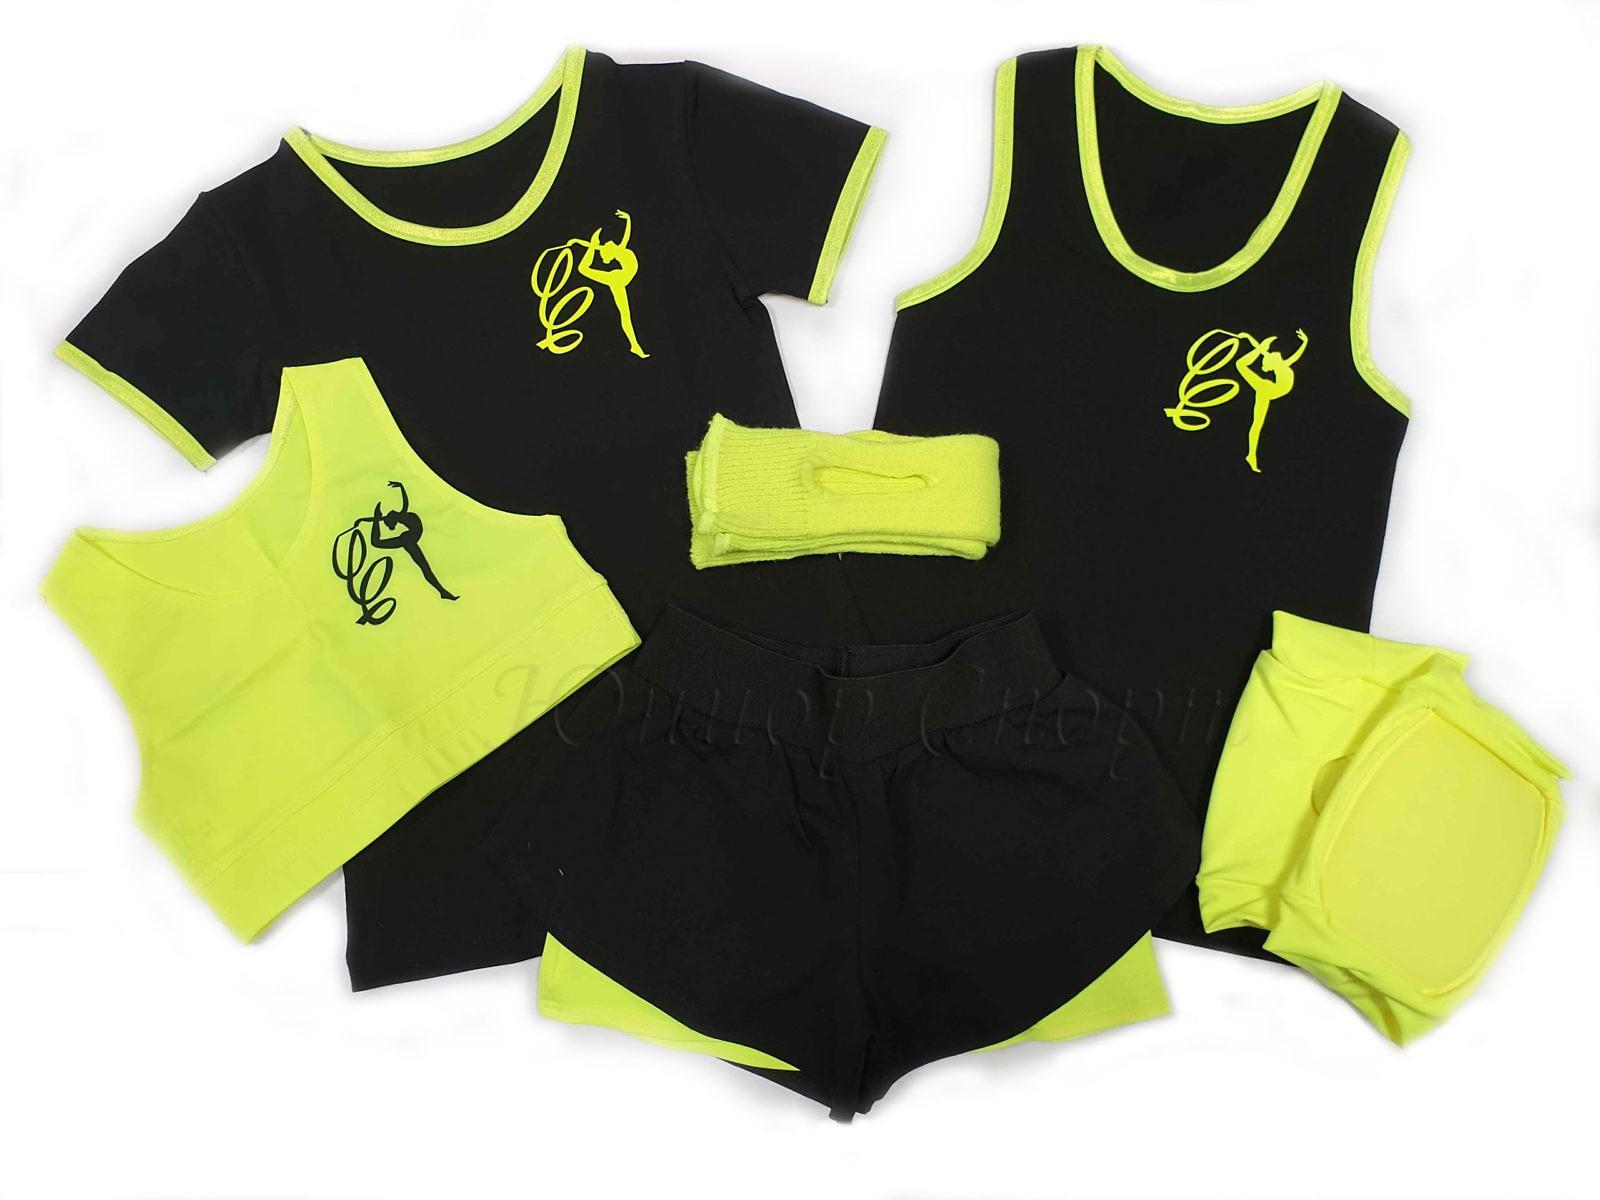 Акция! Комплект одежды для тренировки 6 предметов в ас. - Розовый